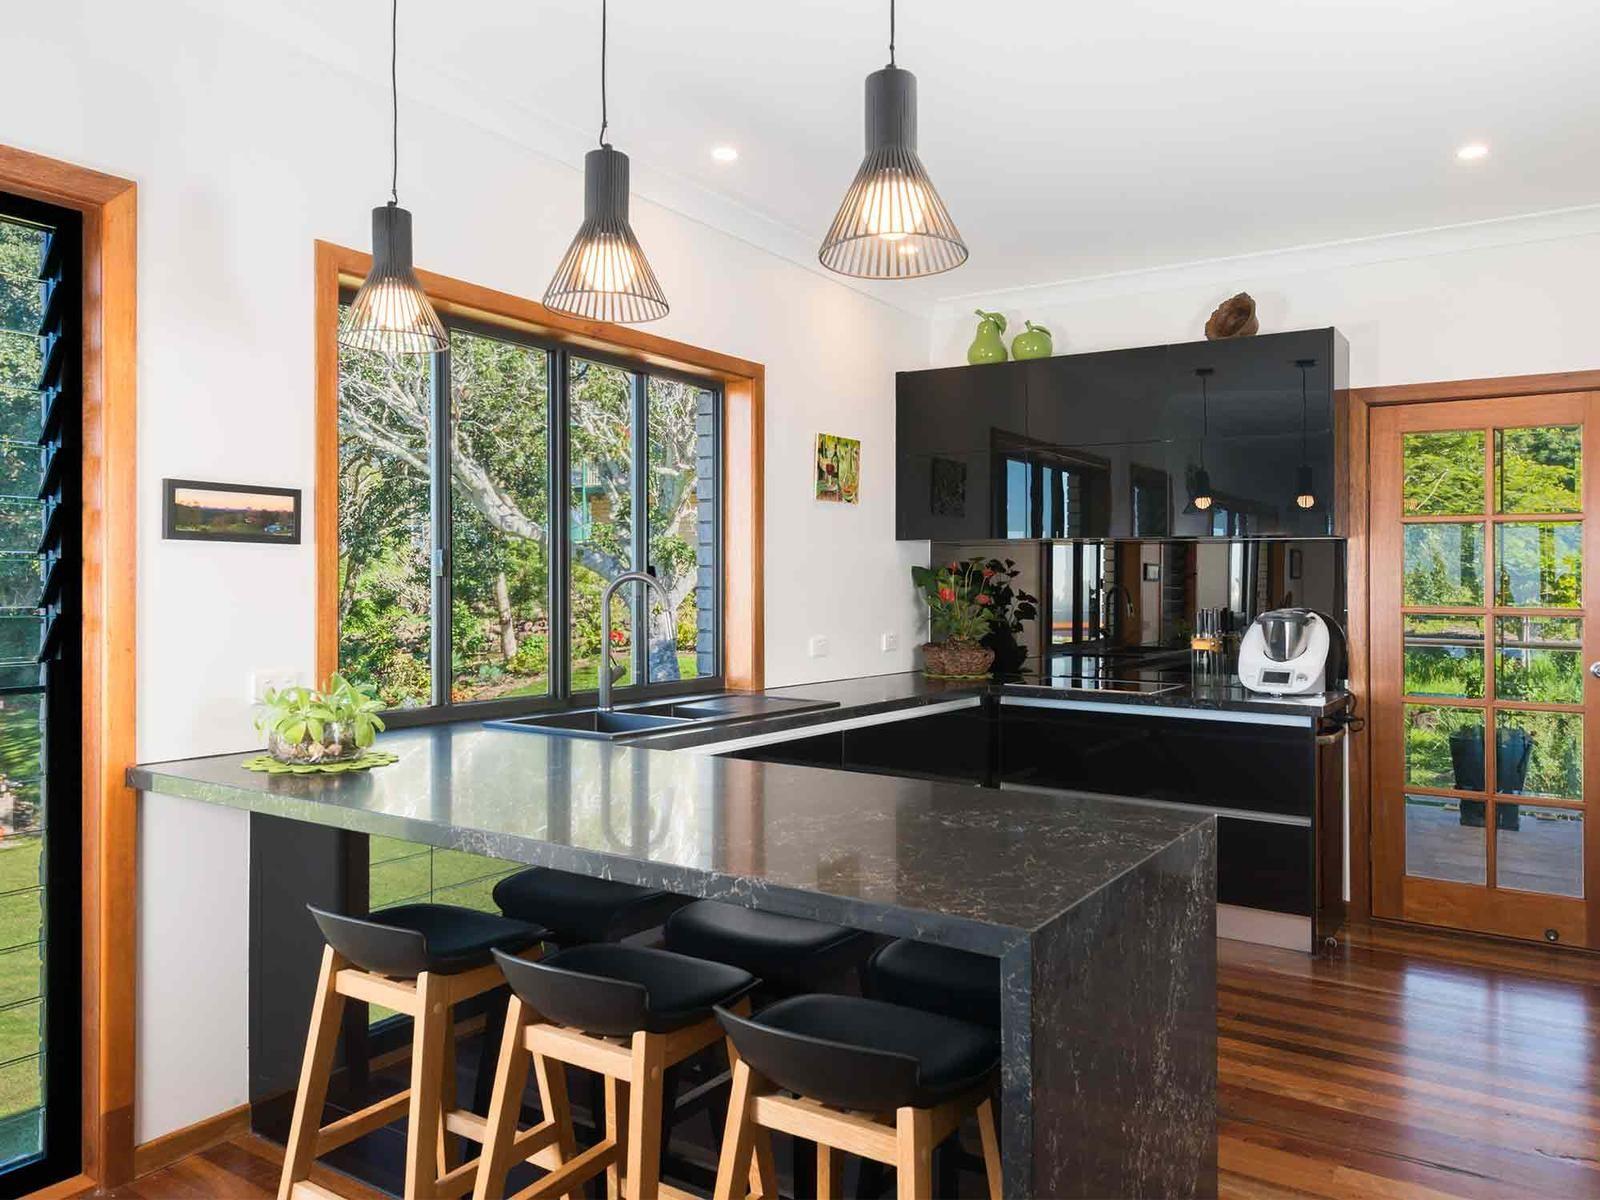 Ushaped kitchen designs Kitchen ideas 2018 Luxury